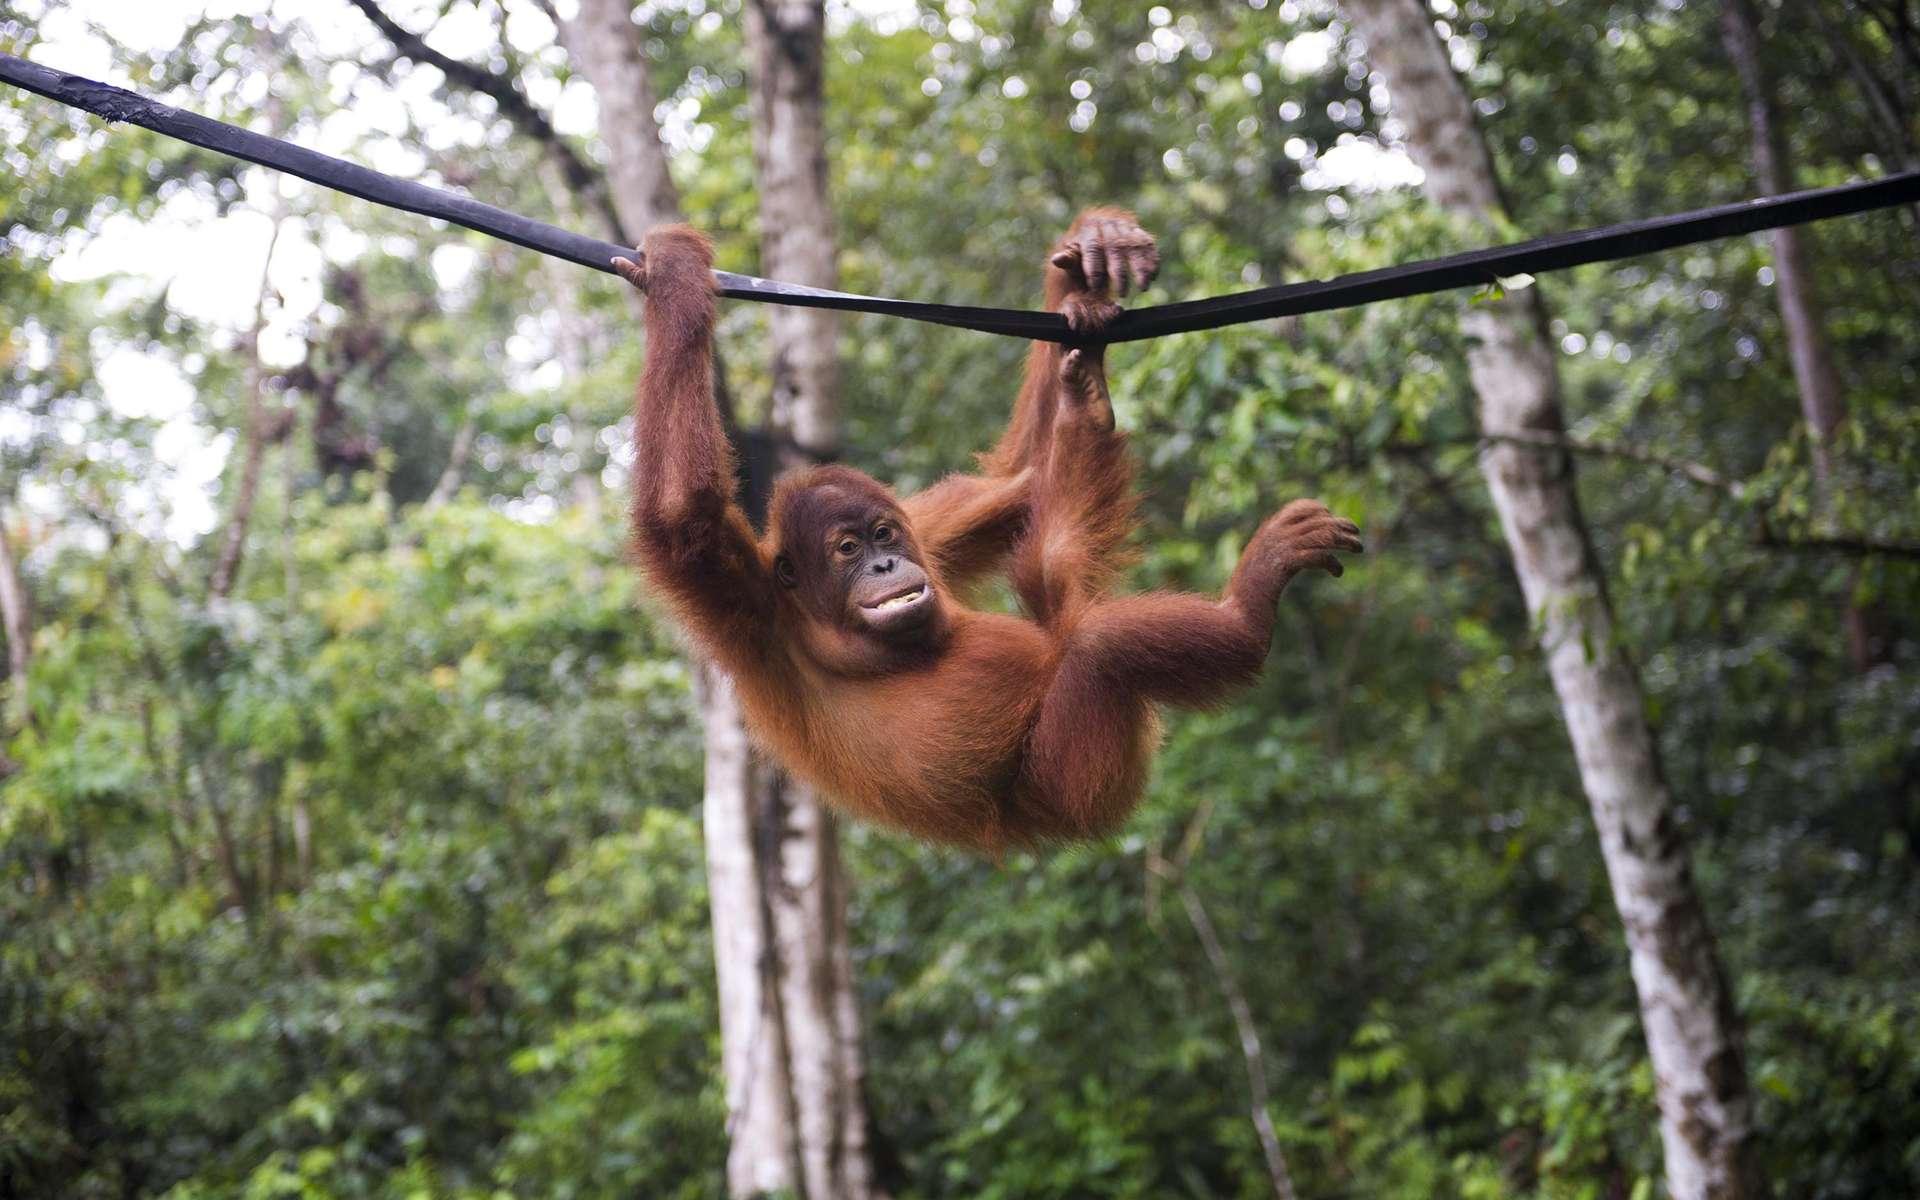 Les scientifiques lancent un cri d'alarme : la disparition des espèces s'accélère